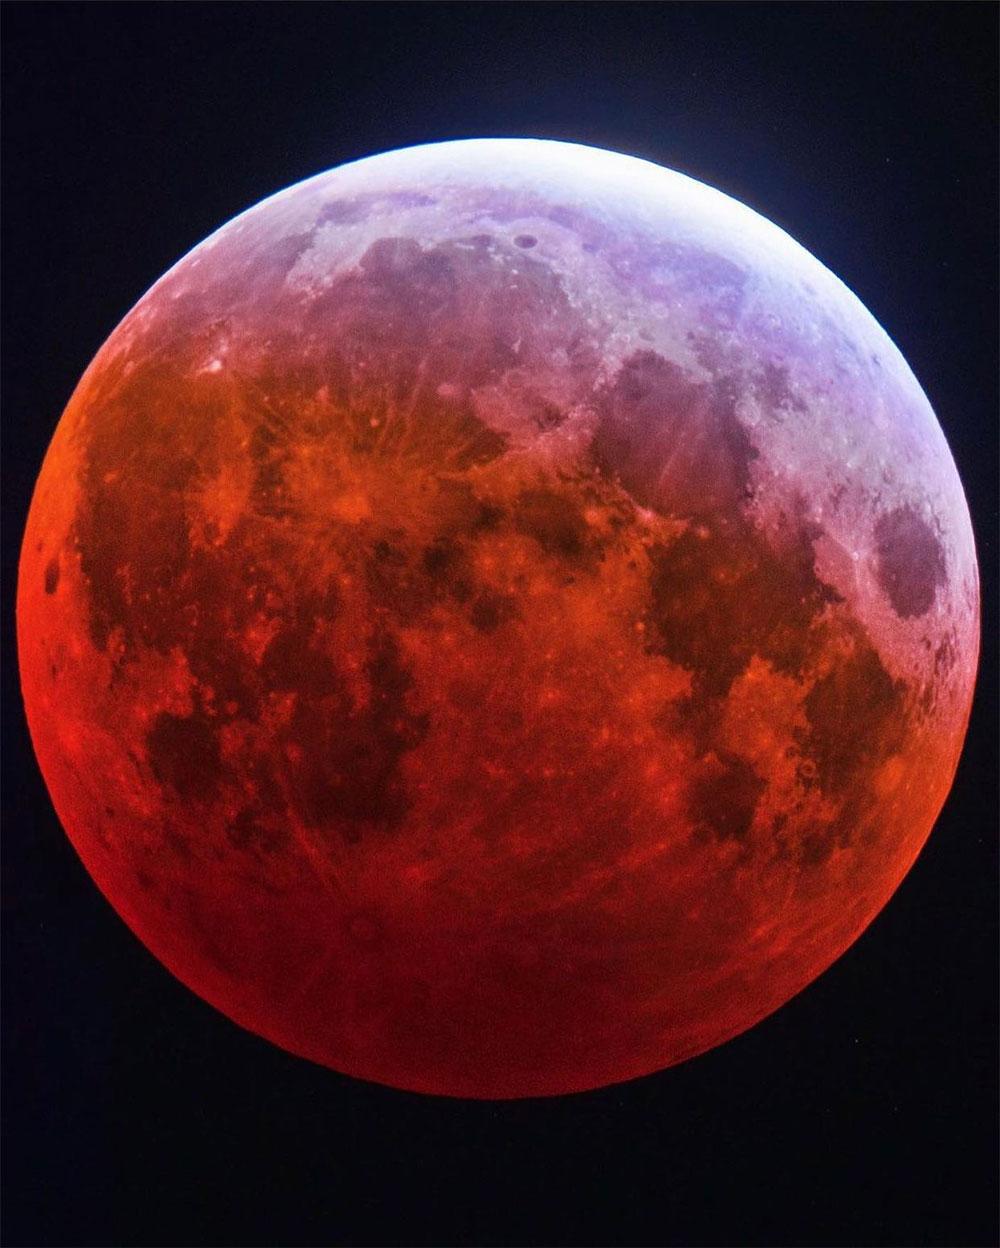 Siêu trăng máu màu đỏ năm 2021